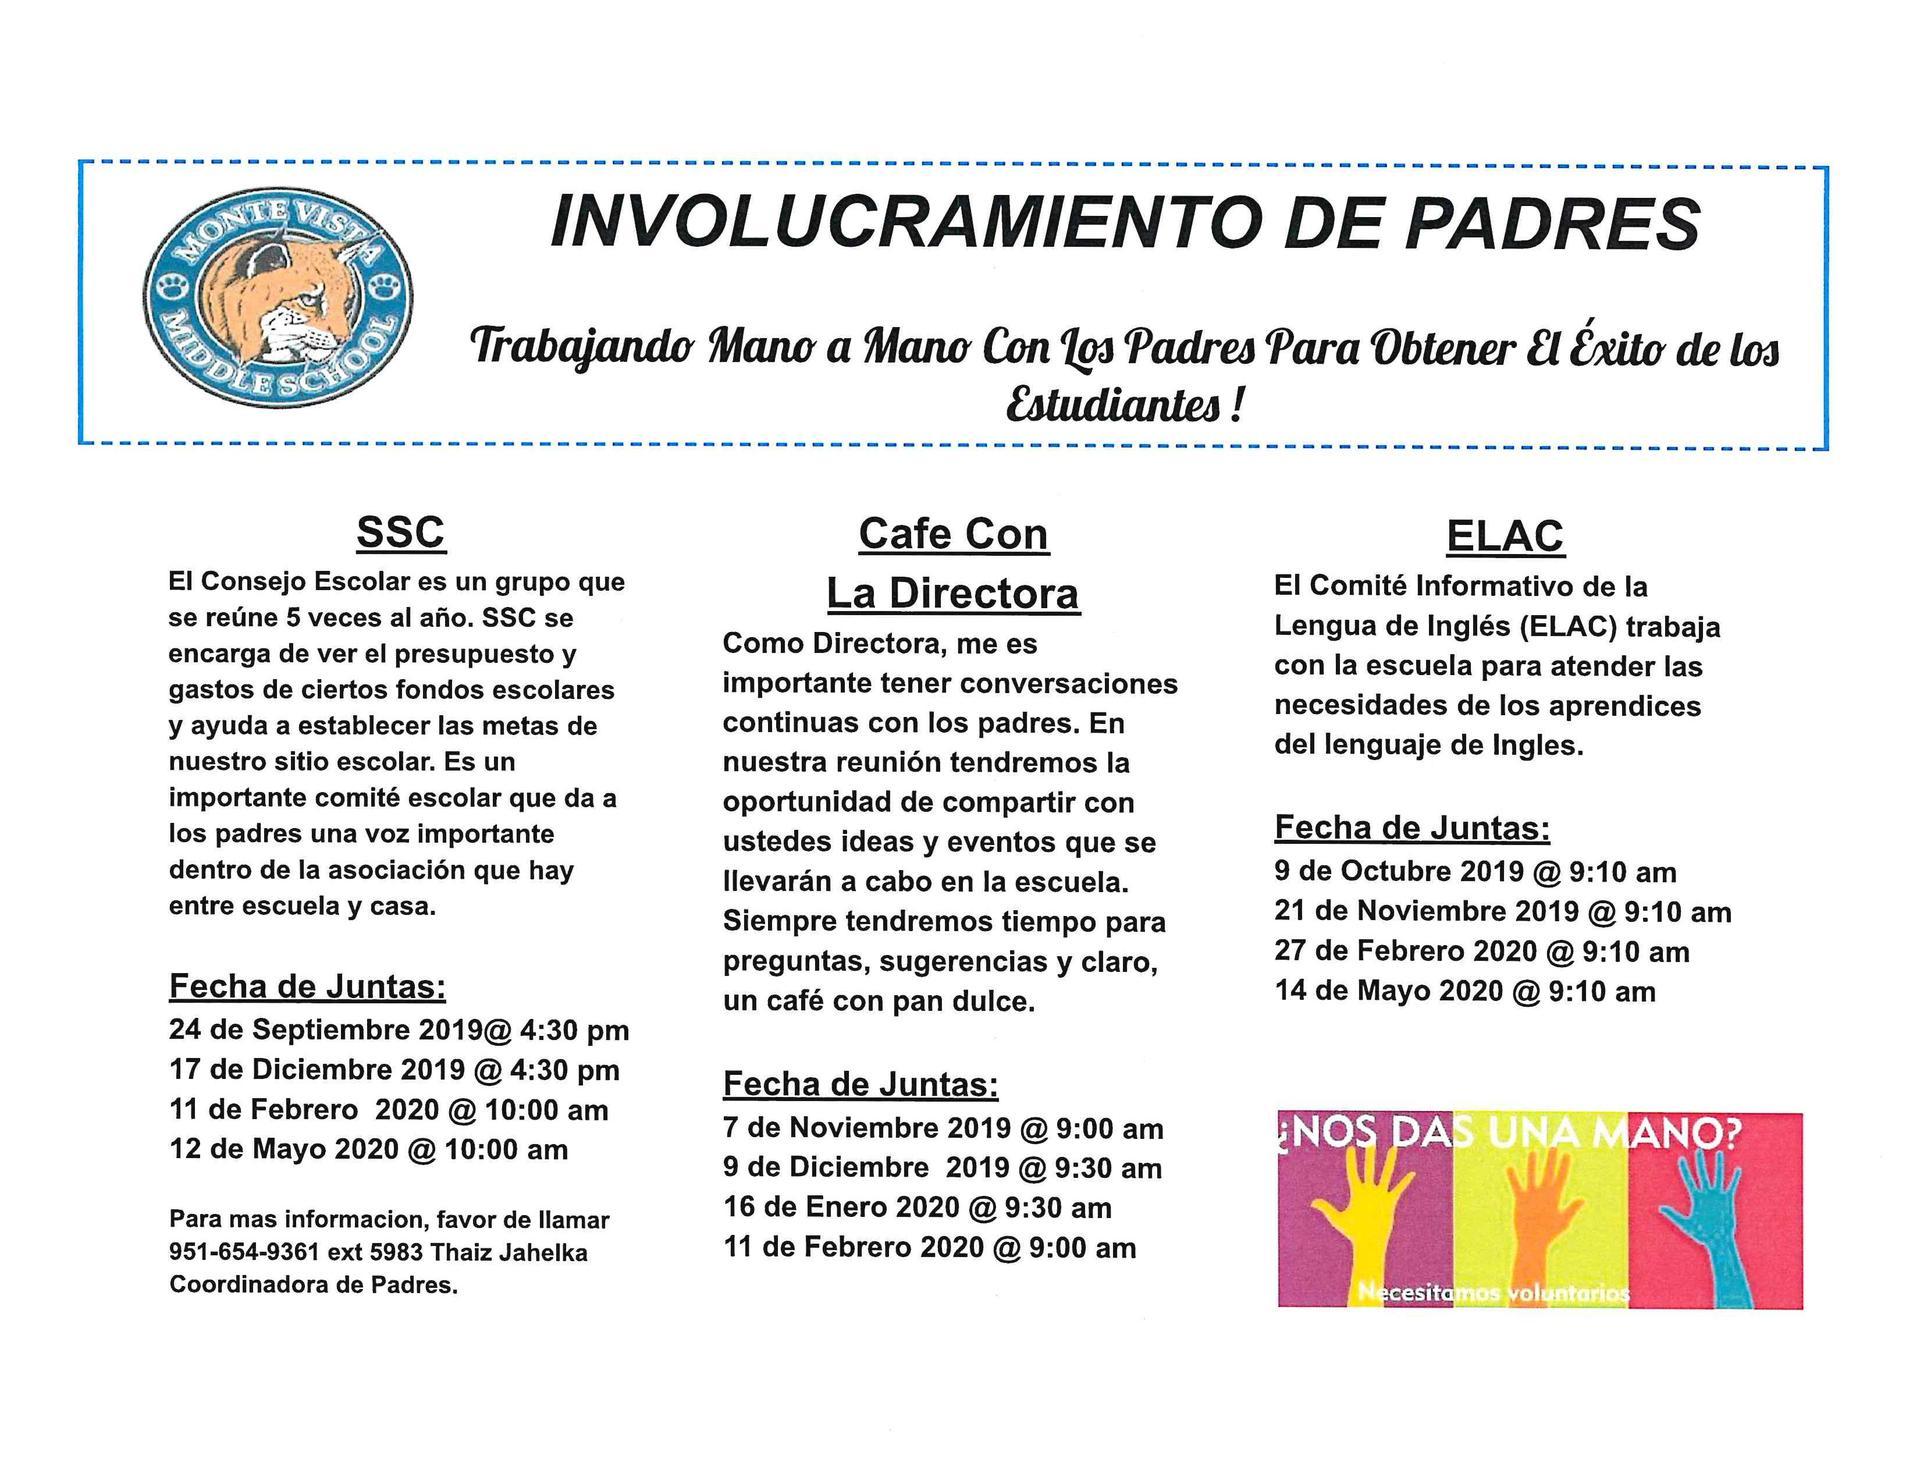 Consejo Escolar, Cafe con la Directora y ELAC fecha de juntas